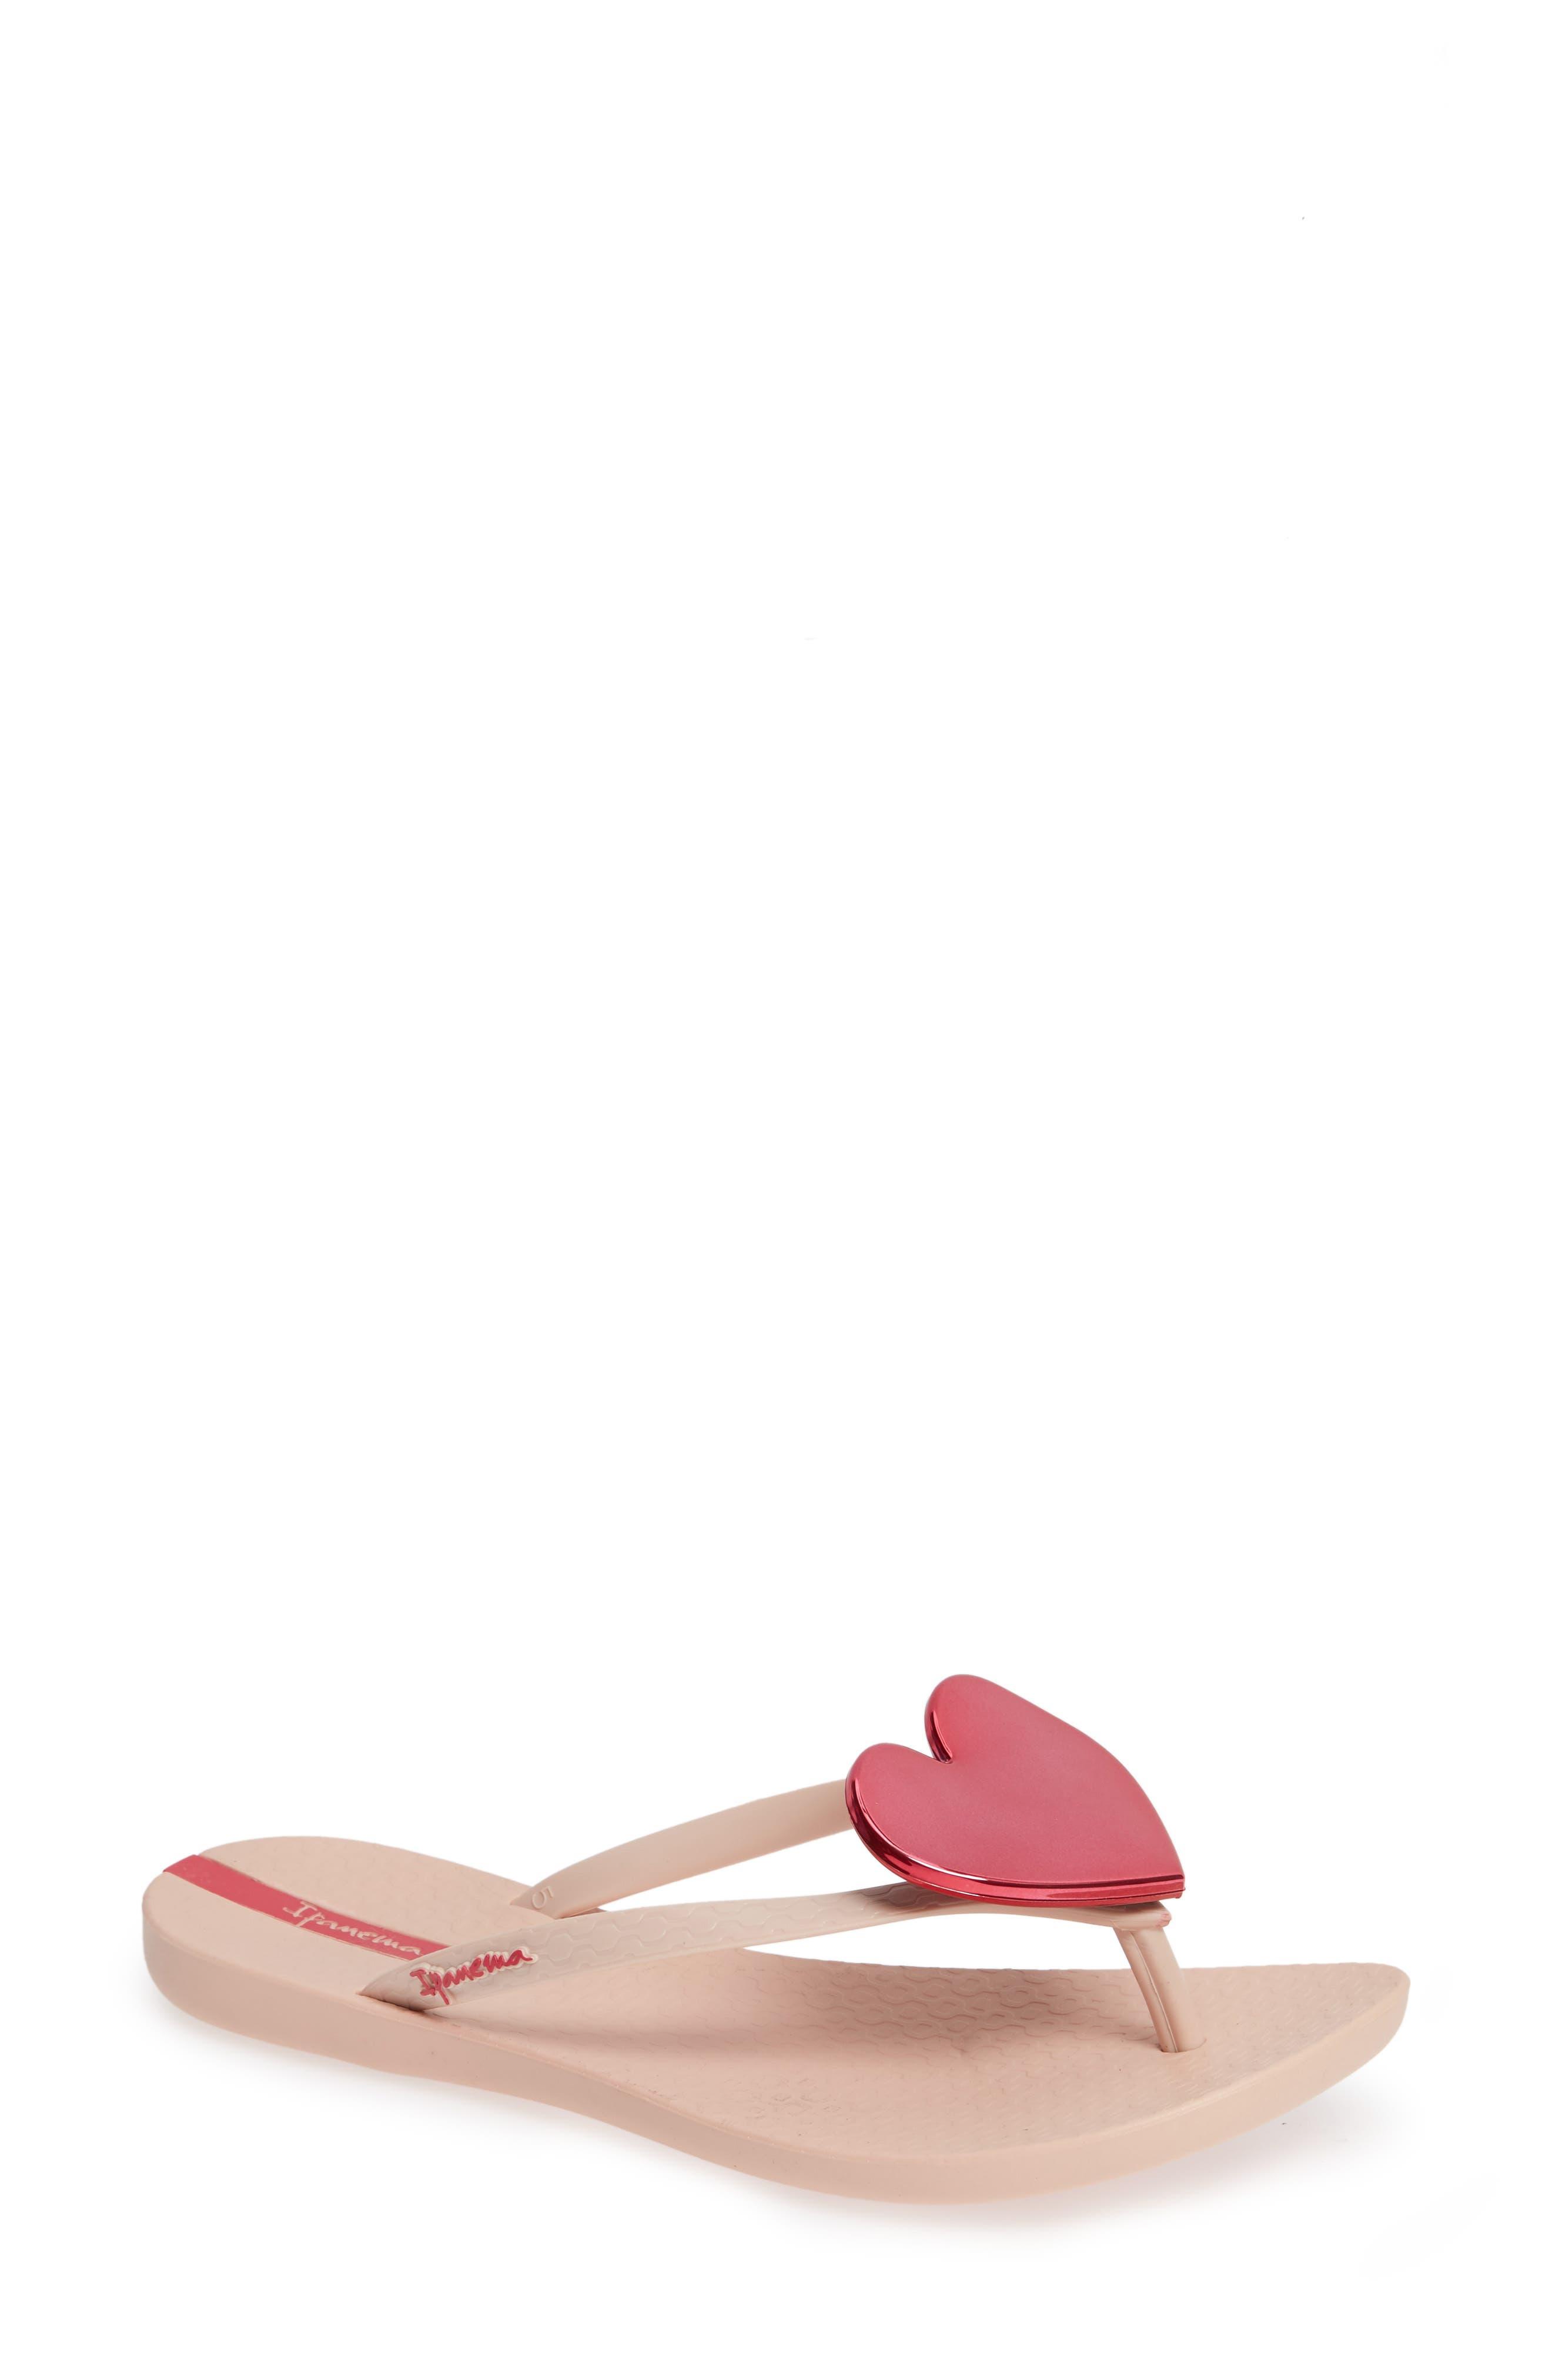 Wave Heart Flip Flop,                         Main,                         color, Pink/ Pink